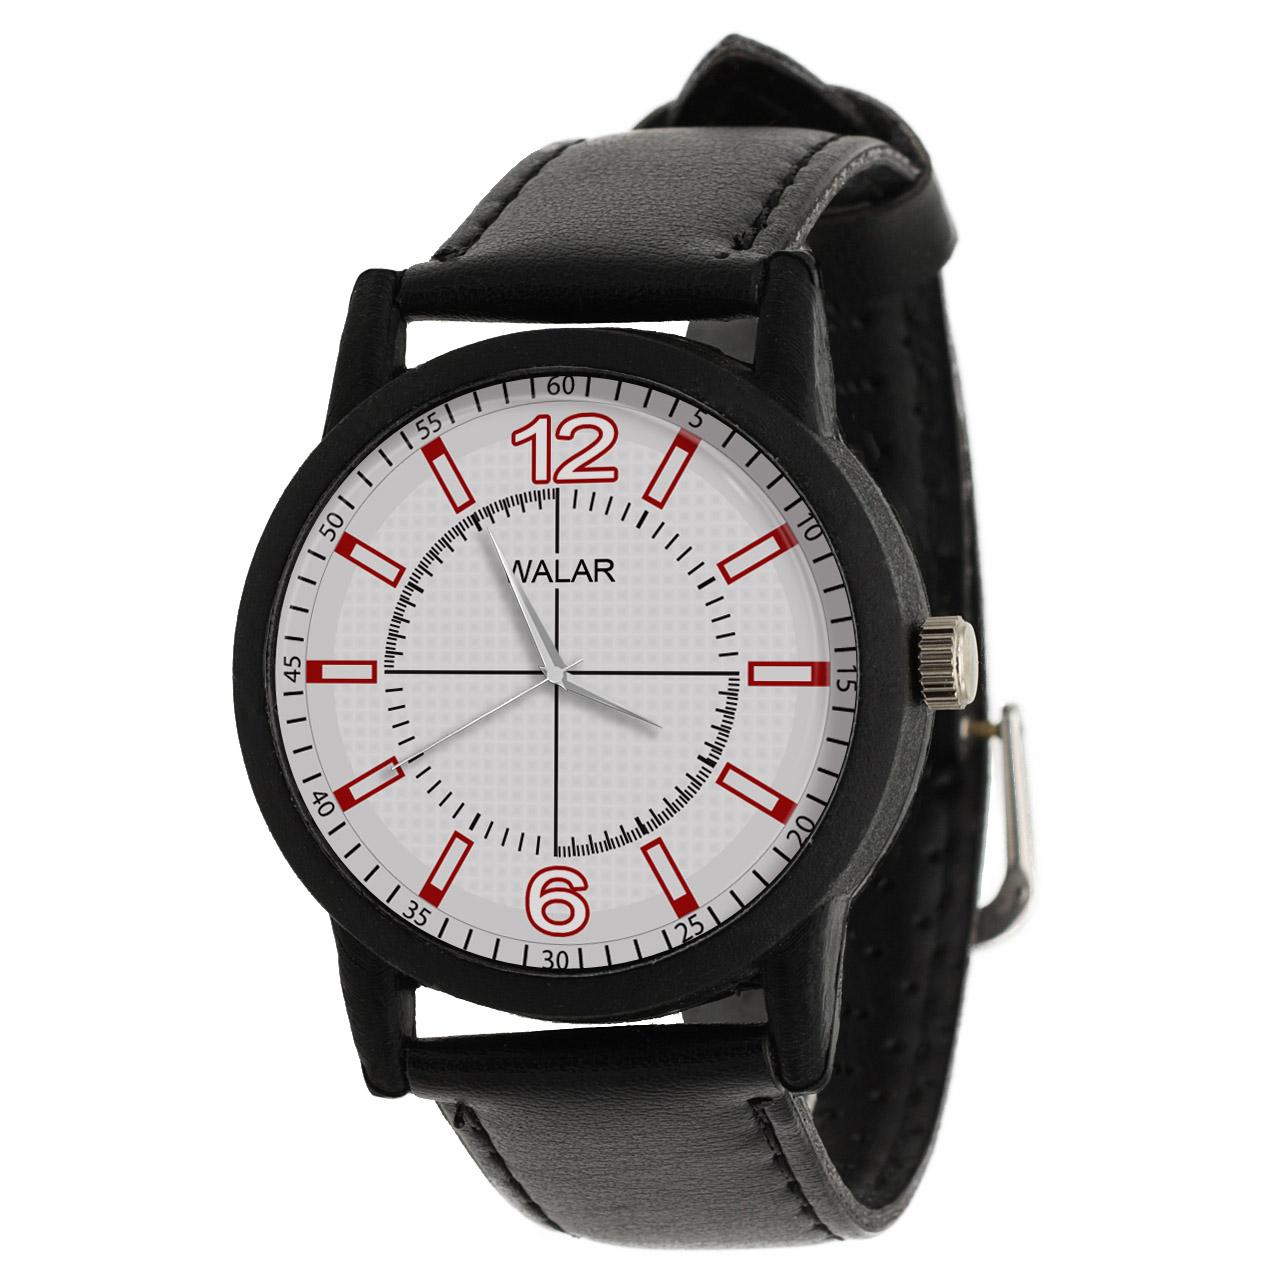 ساعت مچی عقربه ای والار کد LF2878              خرید (⭐️⭐️⭐️)